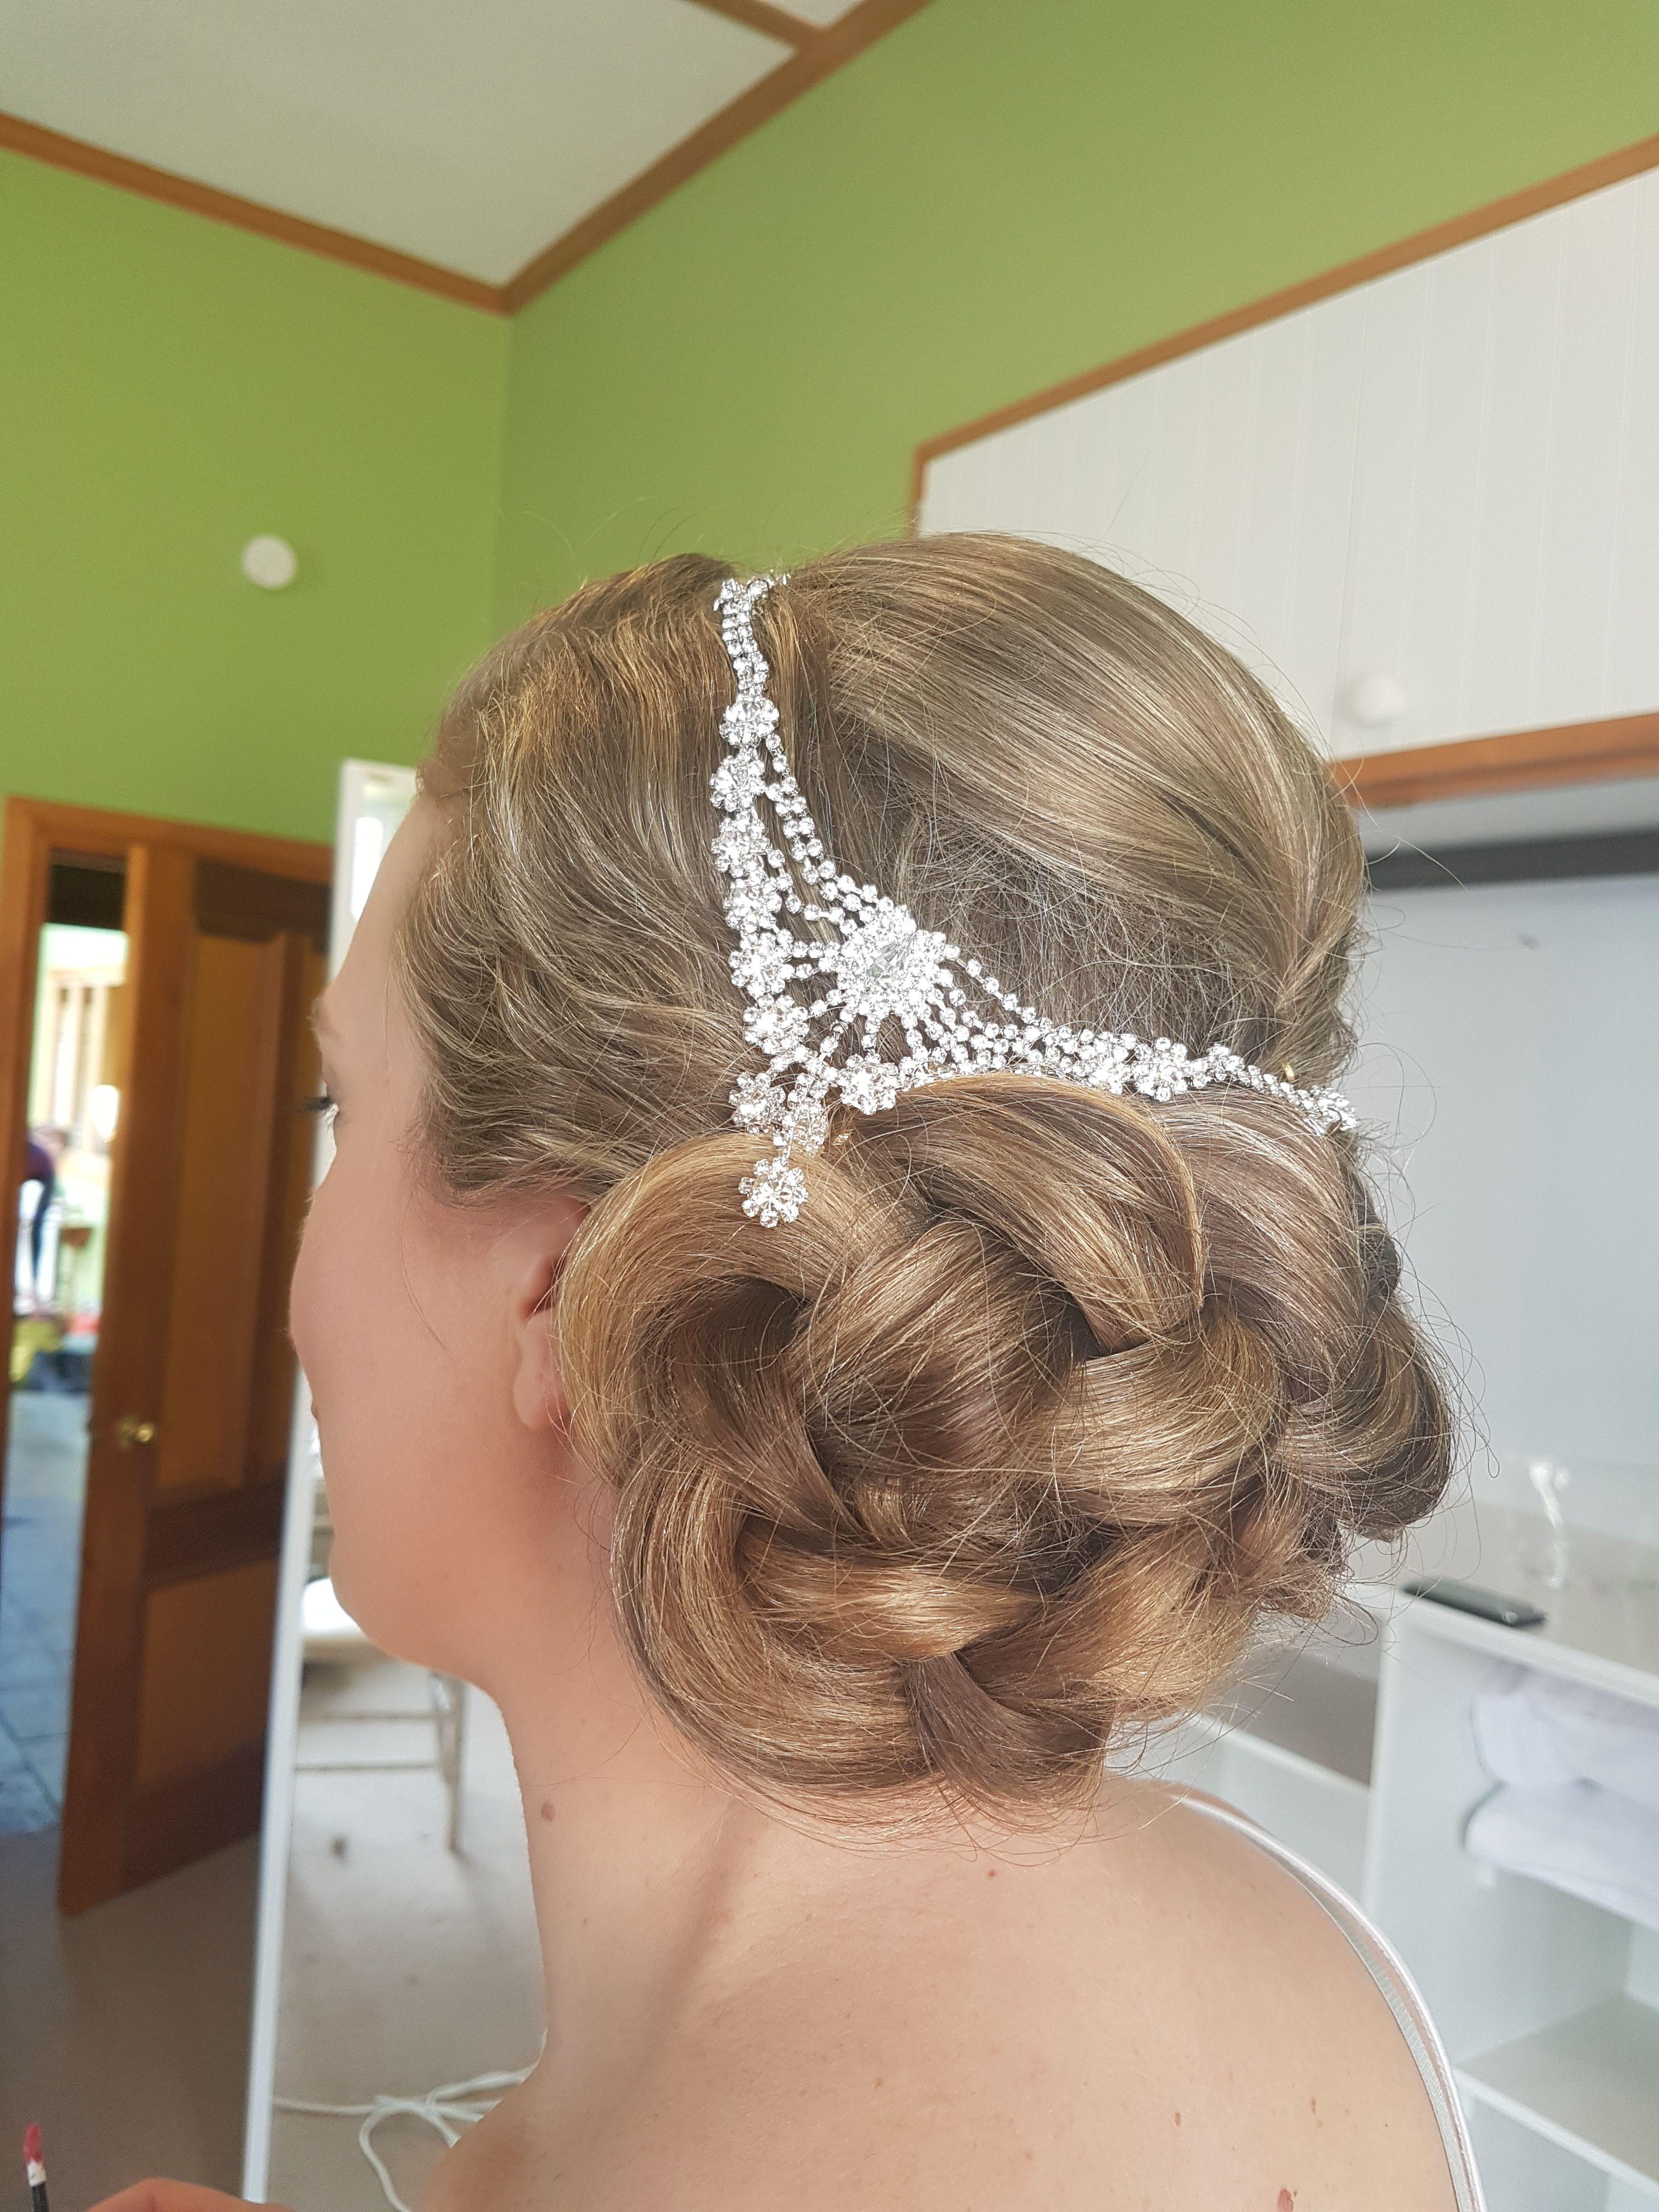 bridal hair style braid braided chignon bride hair by Sara of